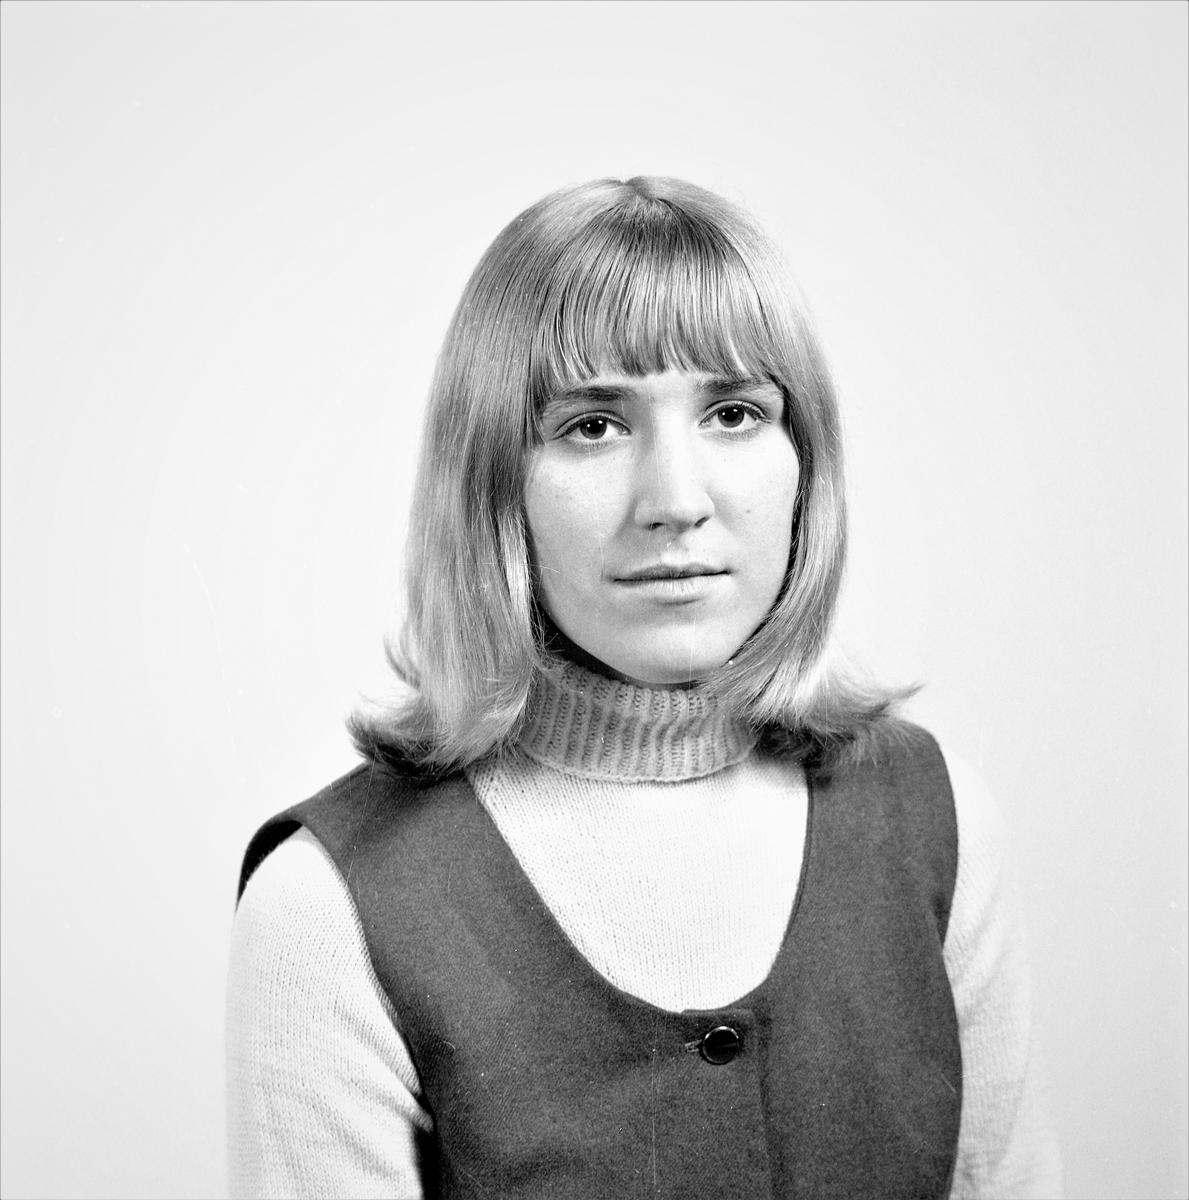 Portrett.To unge kvinner. Bestilt av Ellen Skjøllingstad. Gard og Liv M. Halleraker. Fjæragata 1B